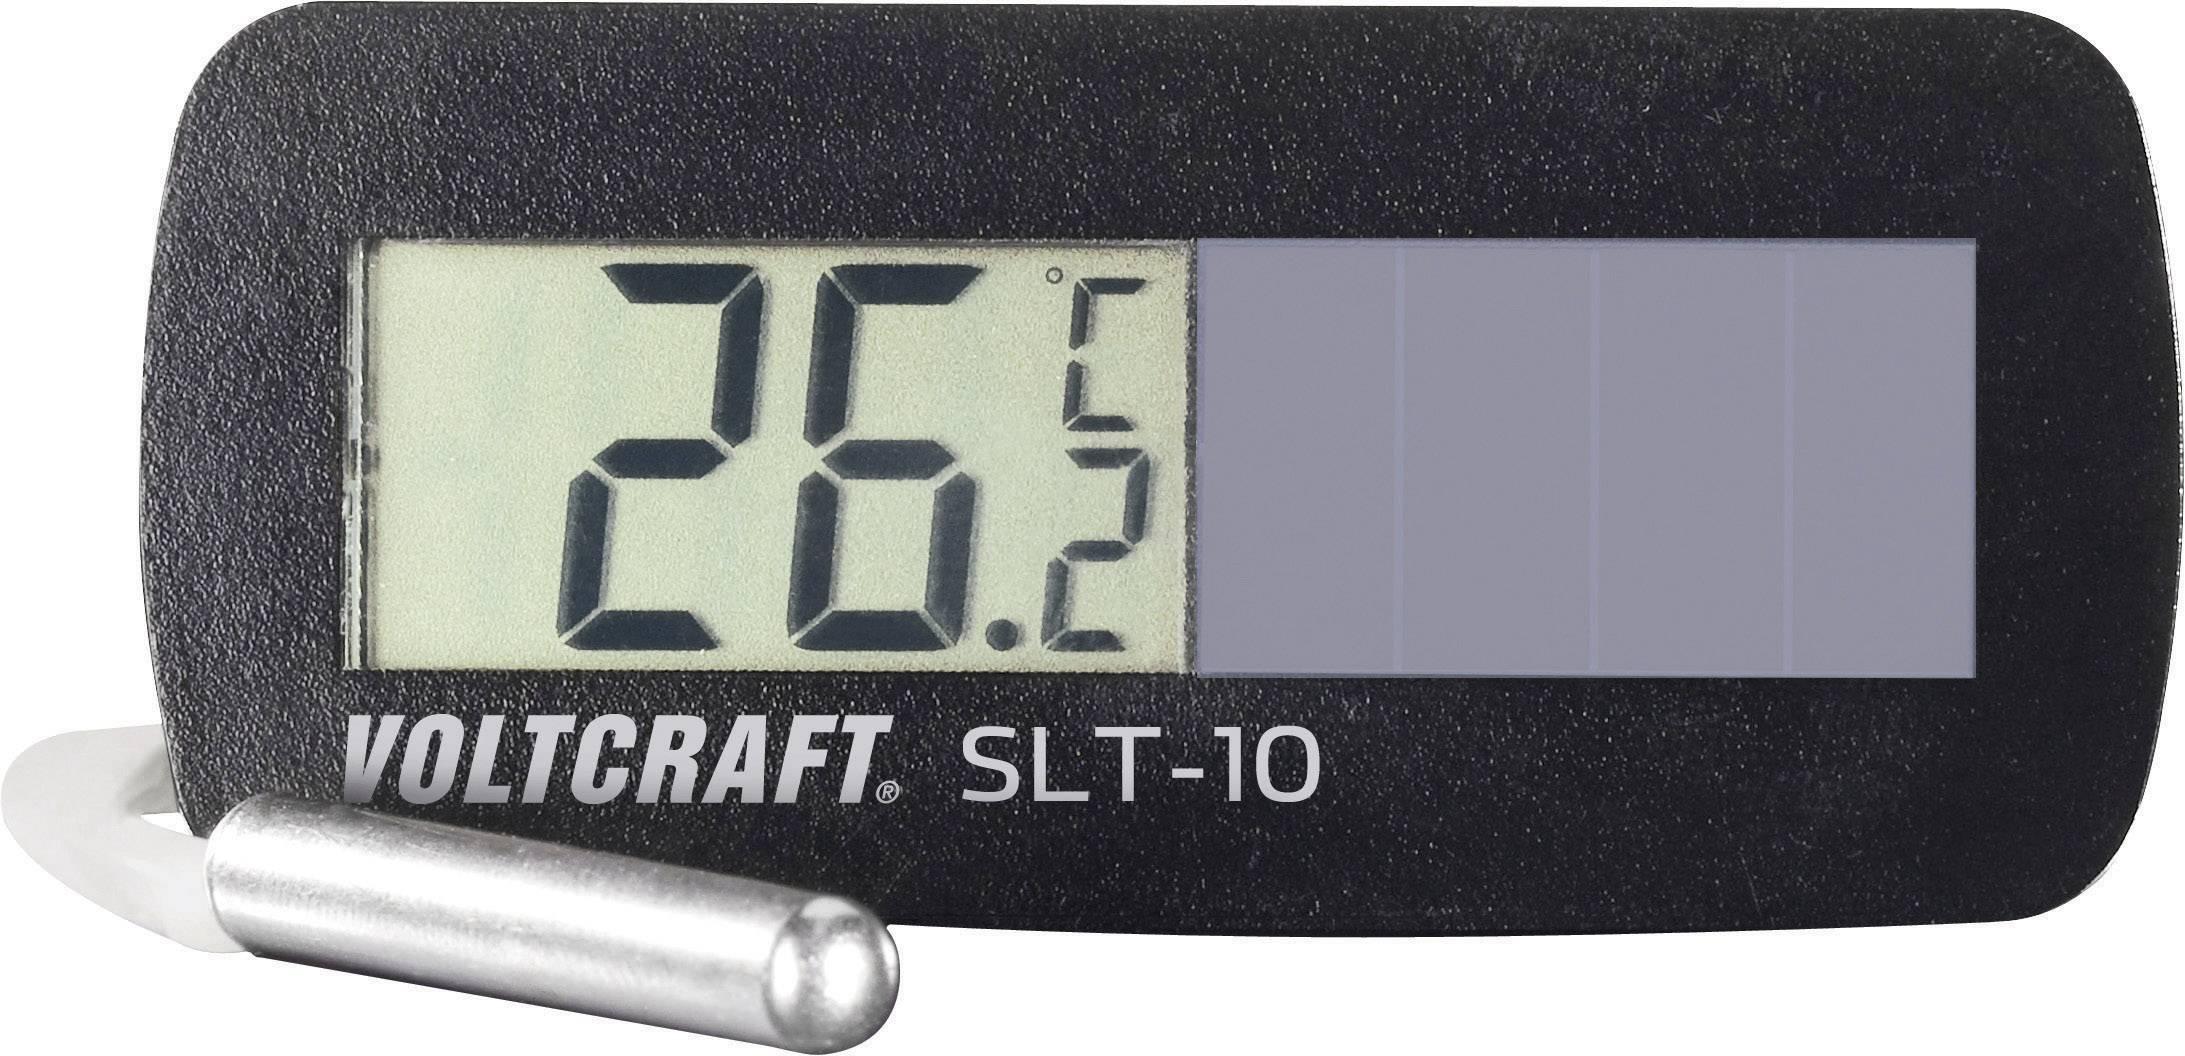 VOLTCRAFT SLT 10Termometer för infälld montering solceller,Inbyggnadsmått 60x26 mm, vat